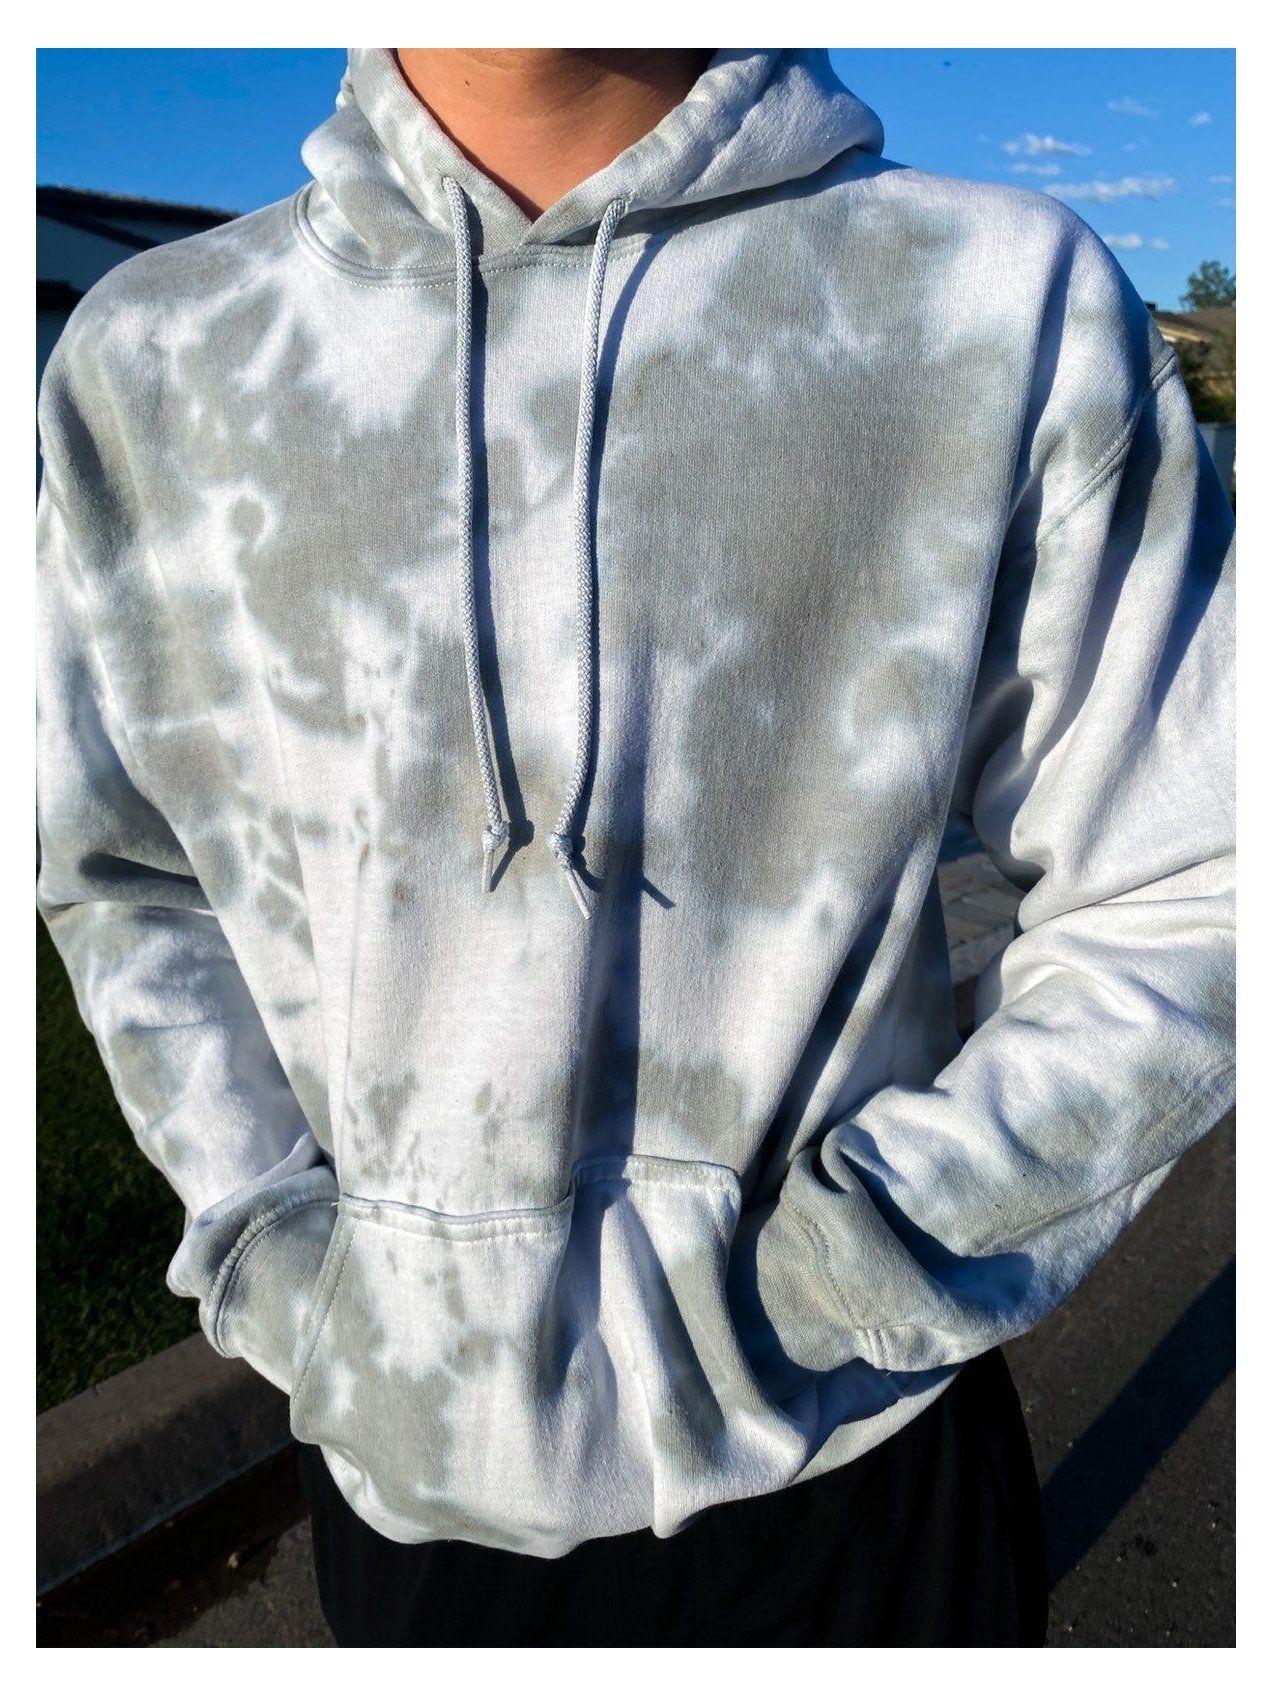 Tie Dye Hoodie Grey Tie Dye Hoodie Custom Grey Tie Dye Hoodie Sooo Cute Size Medium In Men S Tie Dye Outfits Tie Dye Hoodie Diy Tie Dye Hoodie [ 1696 x 1272 Pixel ]